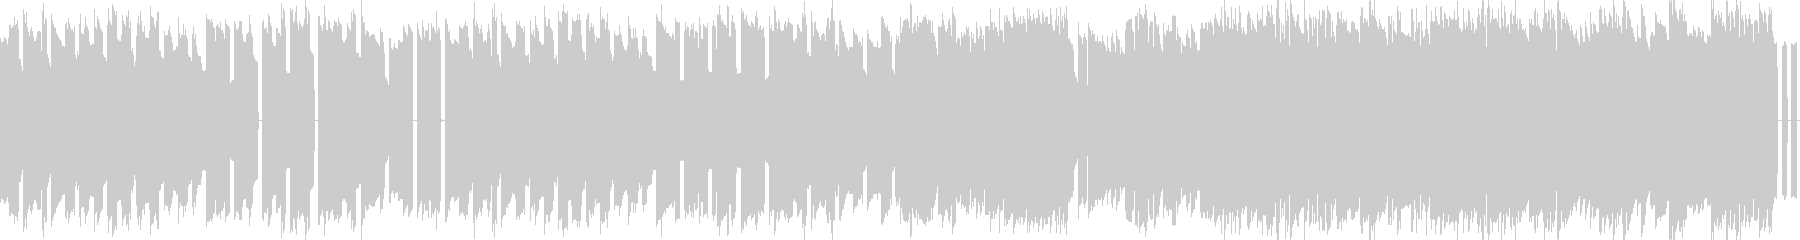 フィールド曲8bitファミコンBGMの未再生の波形